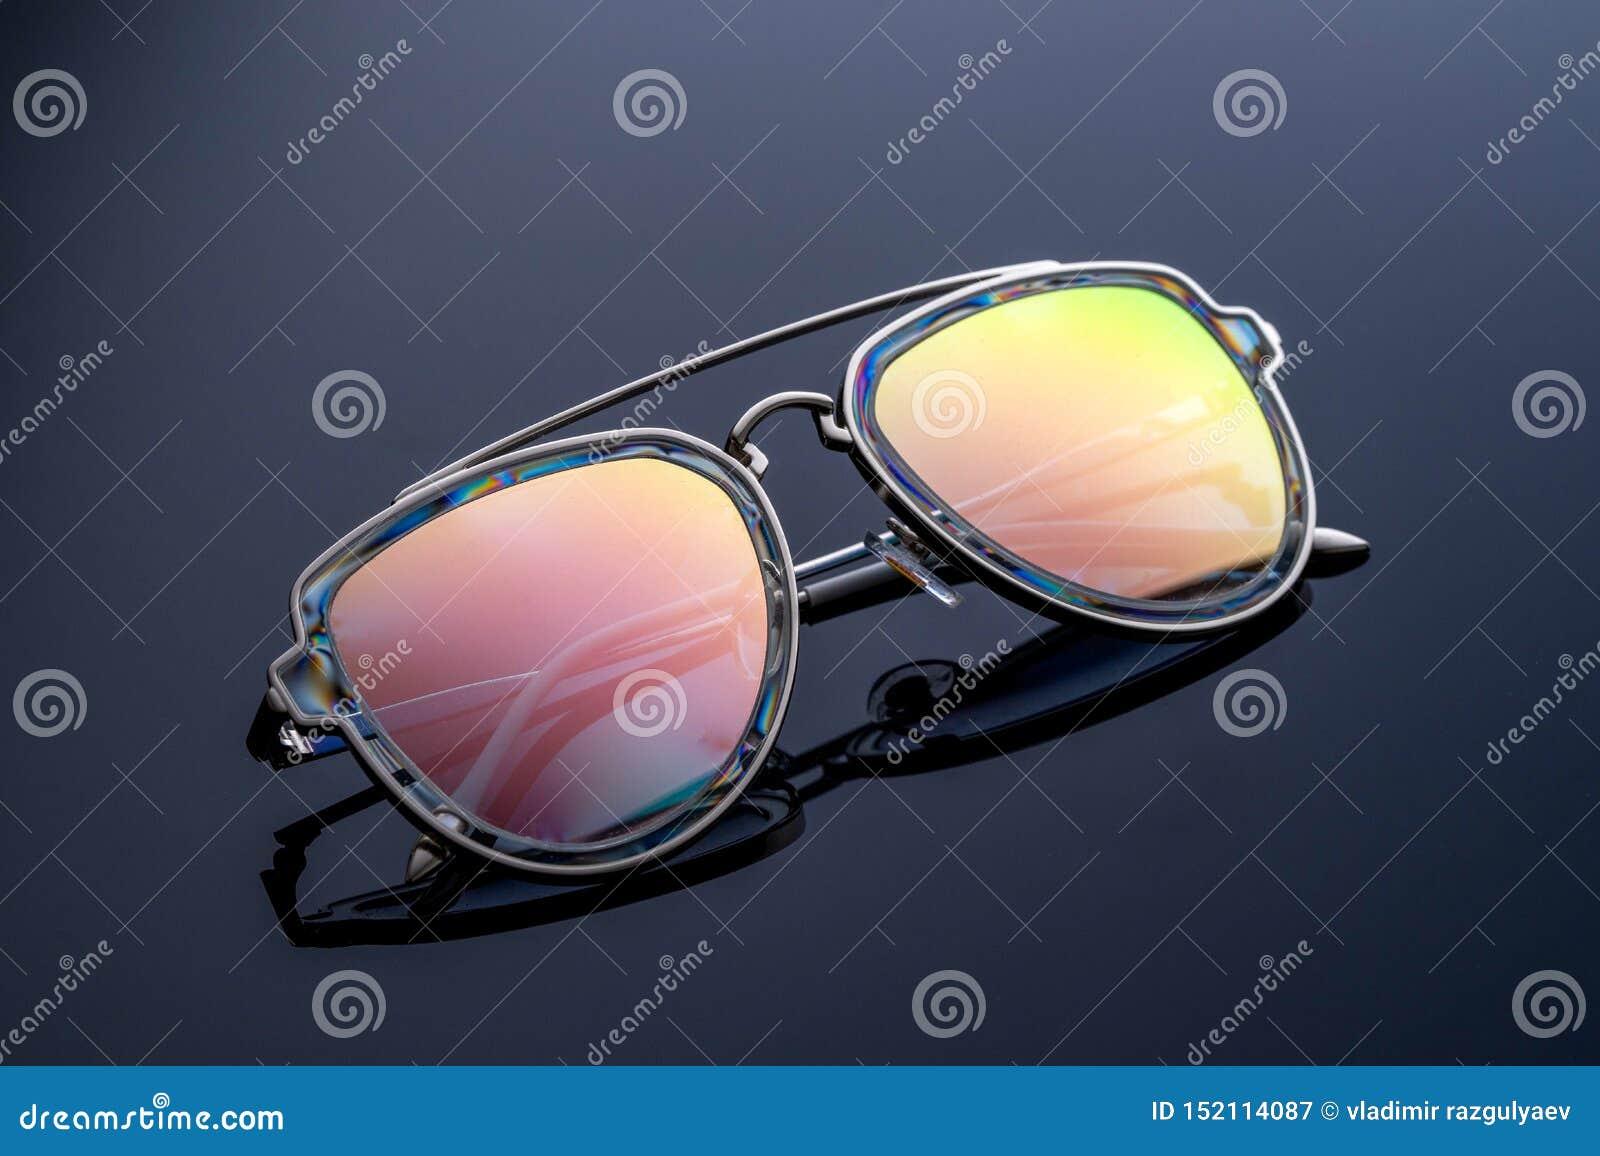 Gafas de sol, color del camaleón, reflejo en el sol Fondo oscuro de la pendiente